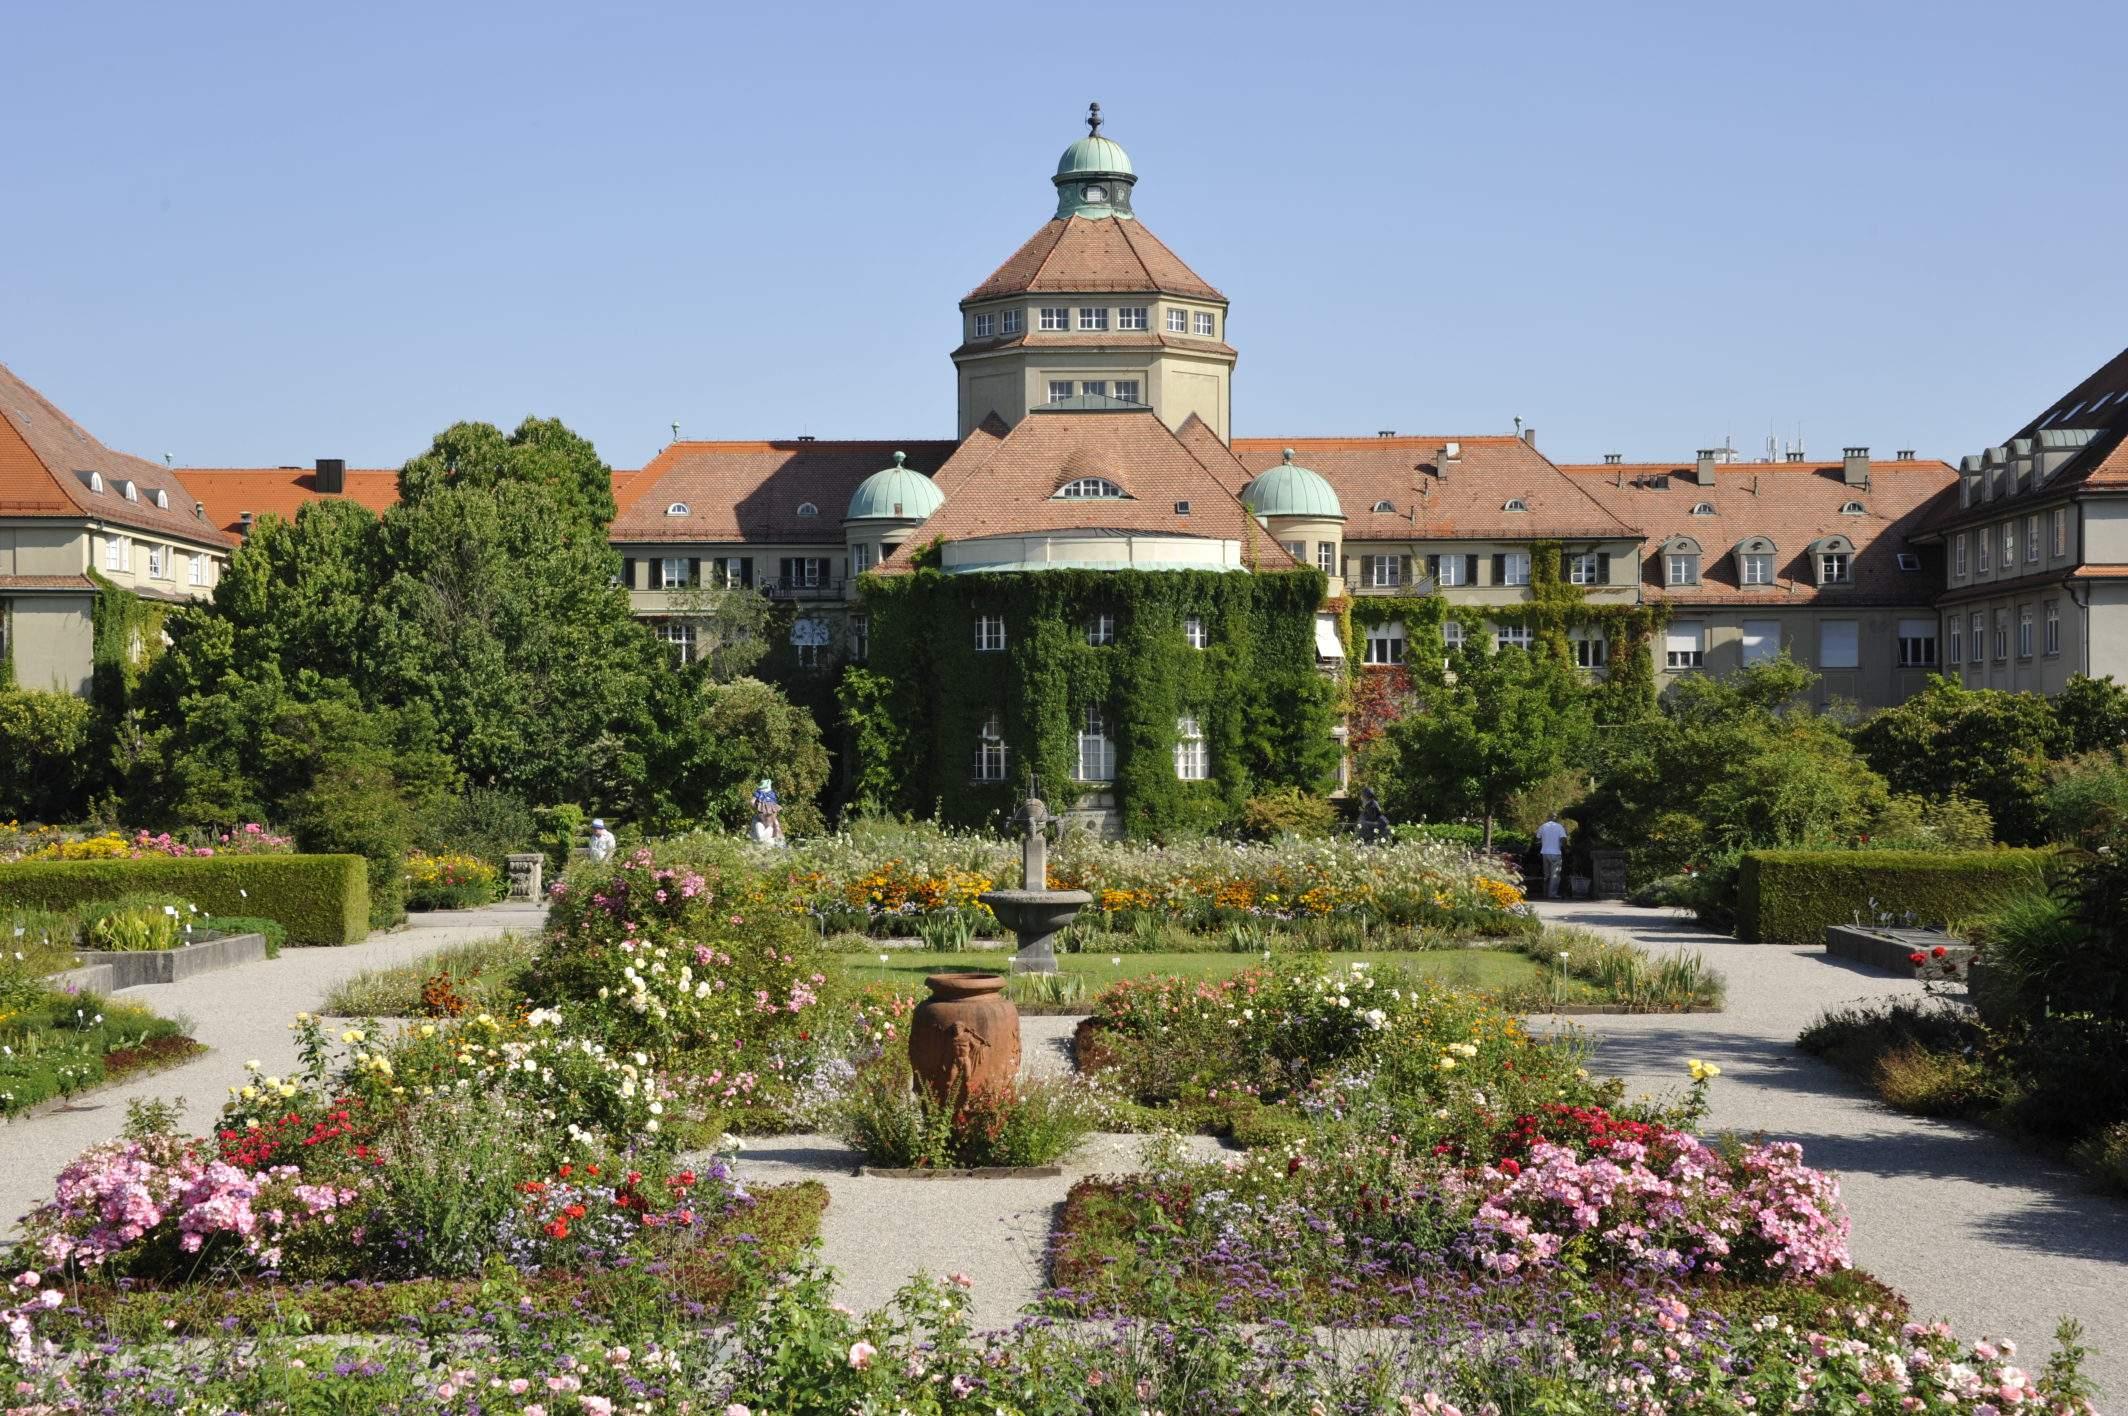 Botanischer Garten München Frisch Freizeit Botanischer Garten